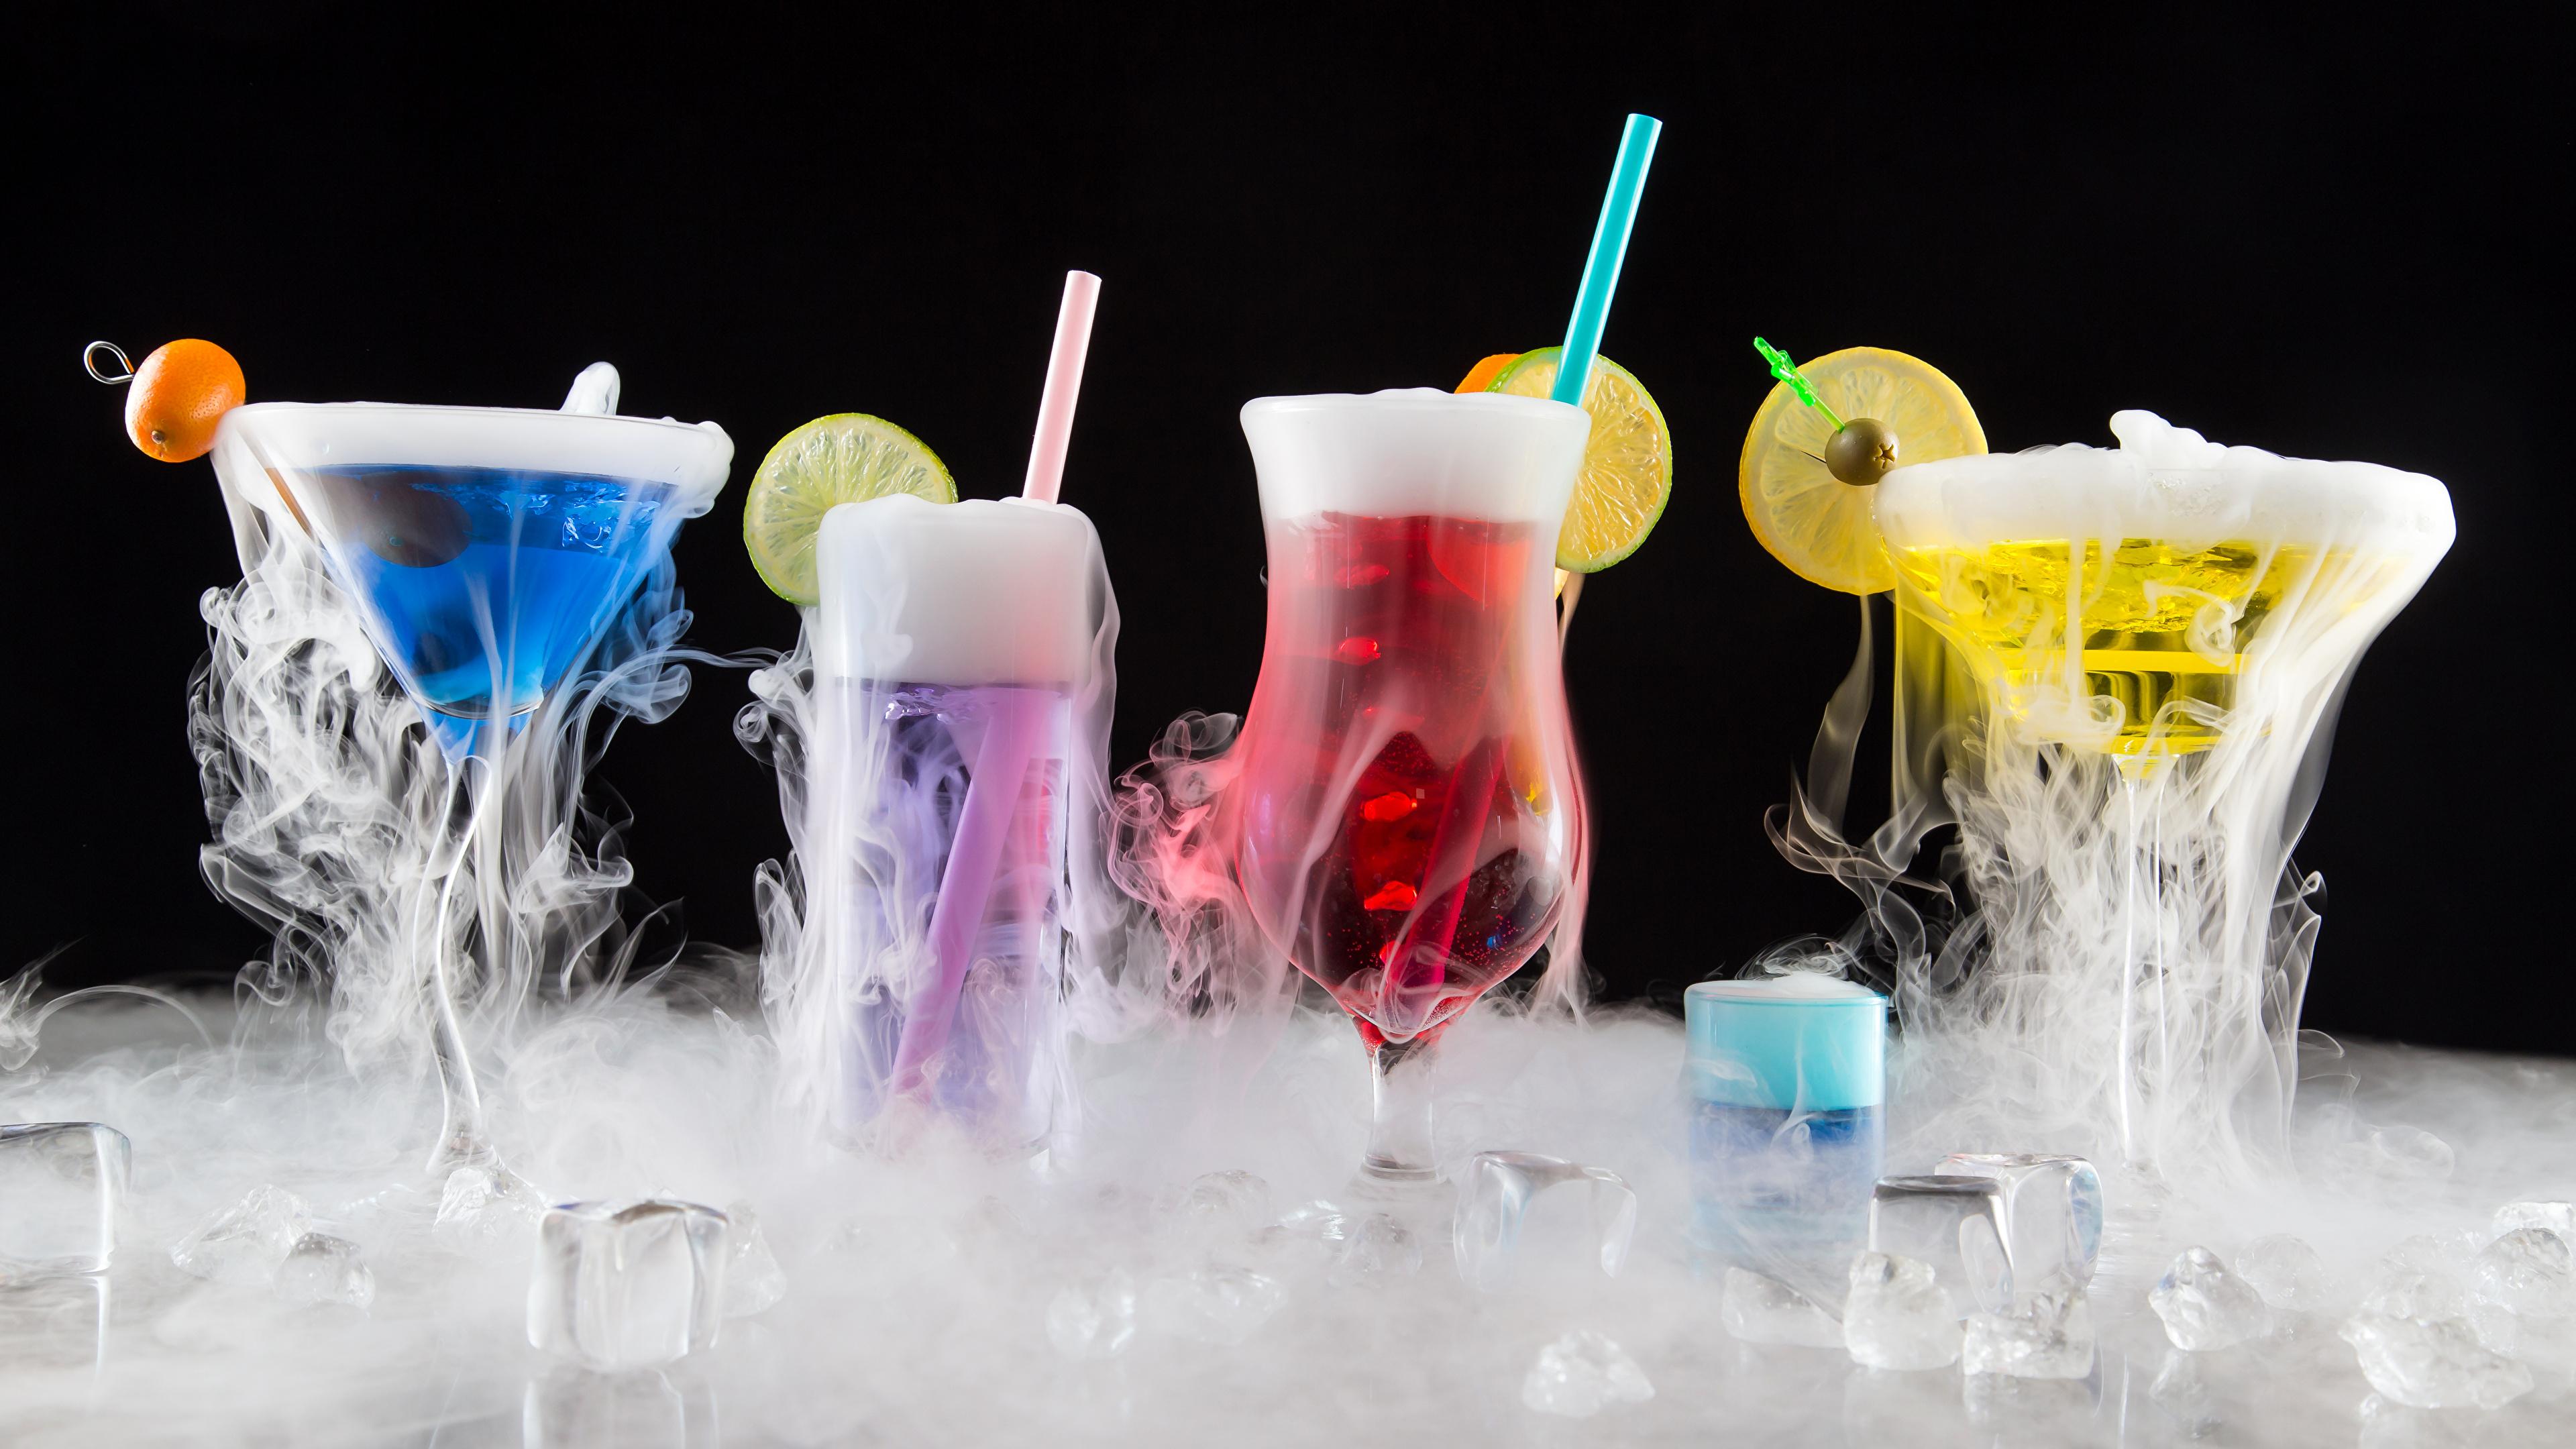 Фотография Алкогольные напитки Лед Еда пары бокал Коктейль Черный фон 3840x2160 льда Пар Пища паром Бокалы Продукты питания на черном фоне